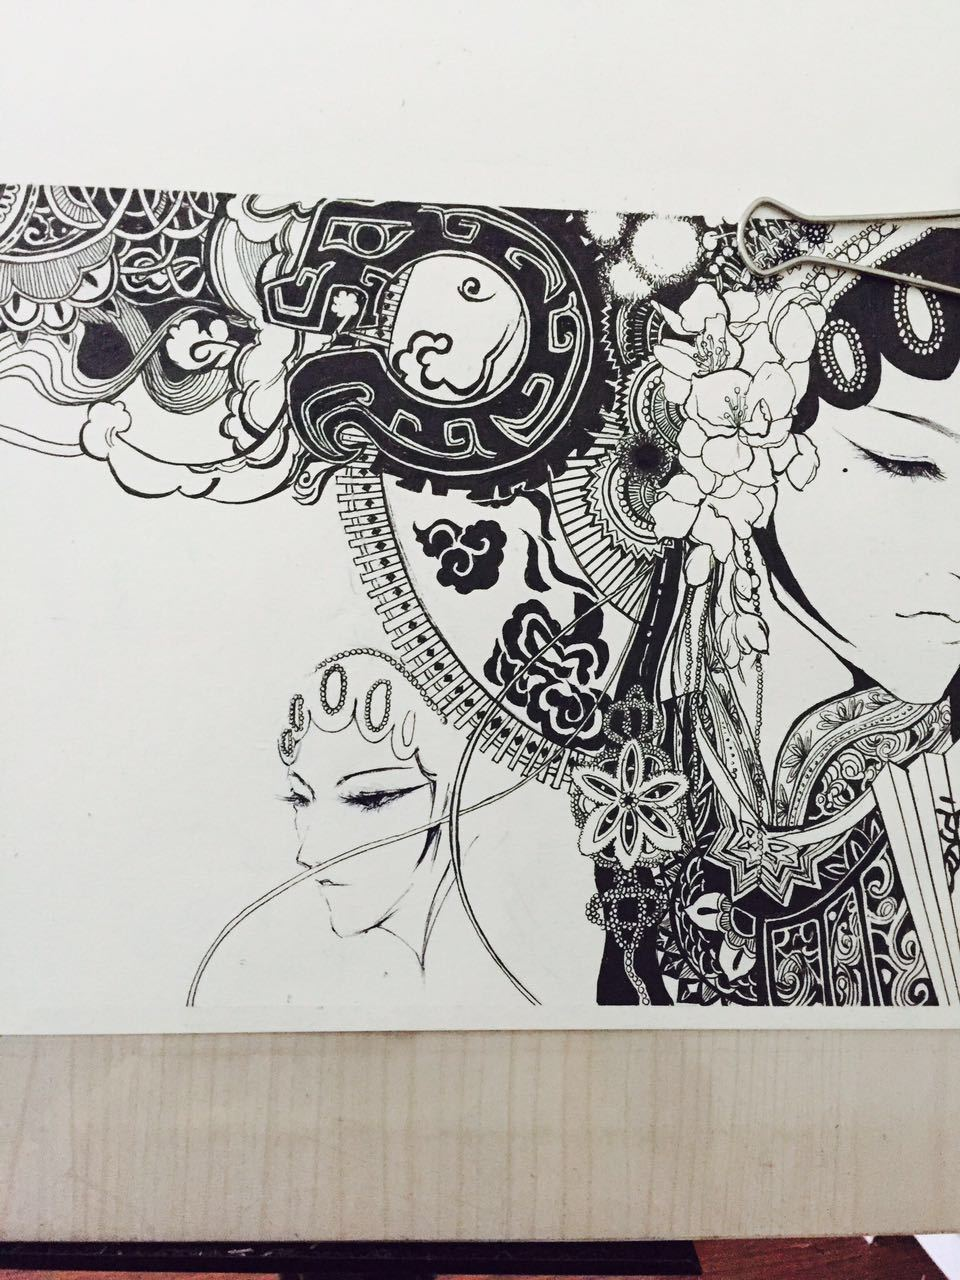 黑白画|插画|插画习作|monster吴畏 - 原创作品图片